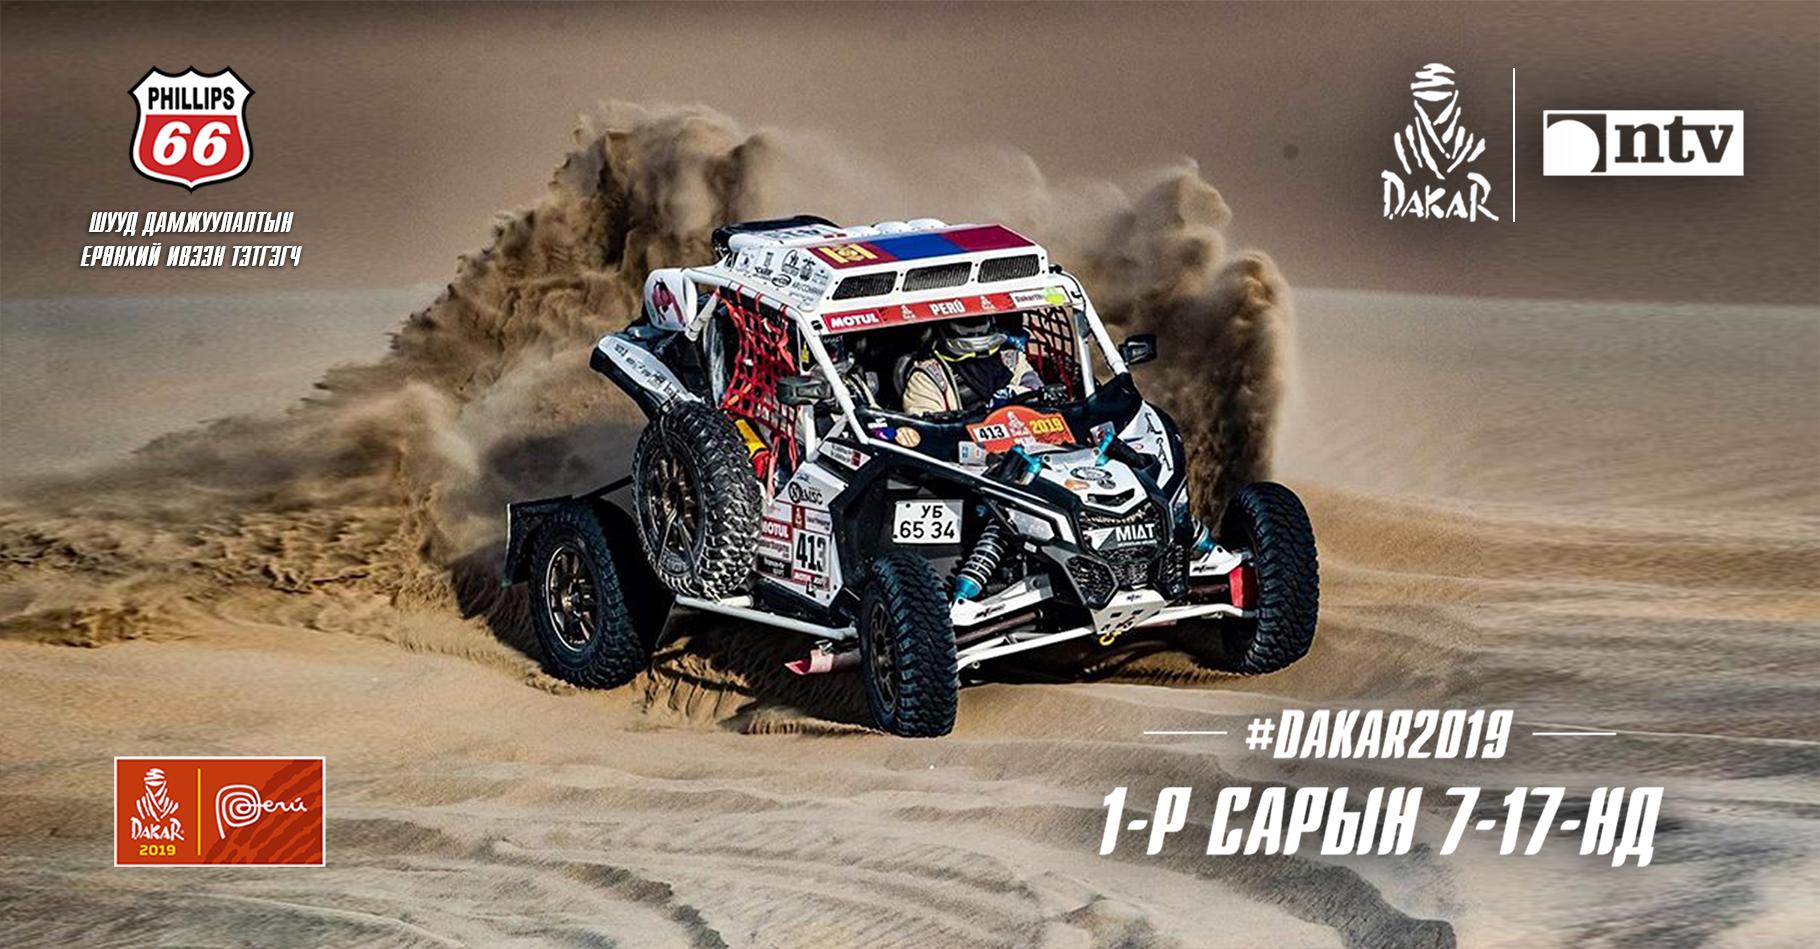 """41 дэх удаагийн """"Дакар ралли"""" Перу улсад амжилттай зохион байгуулагдаж байна."""